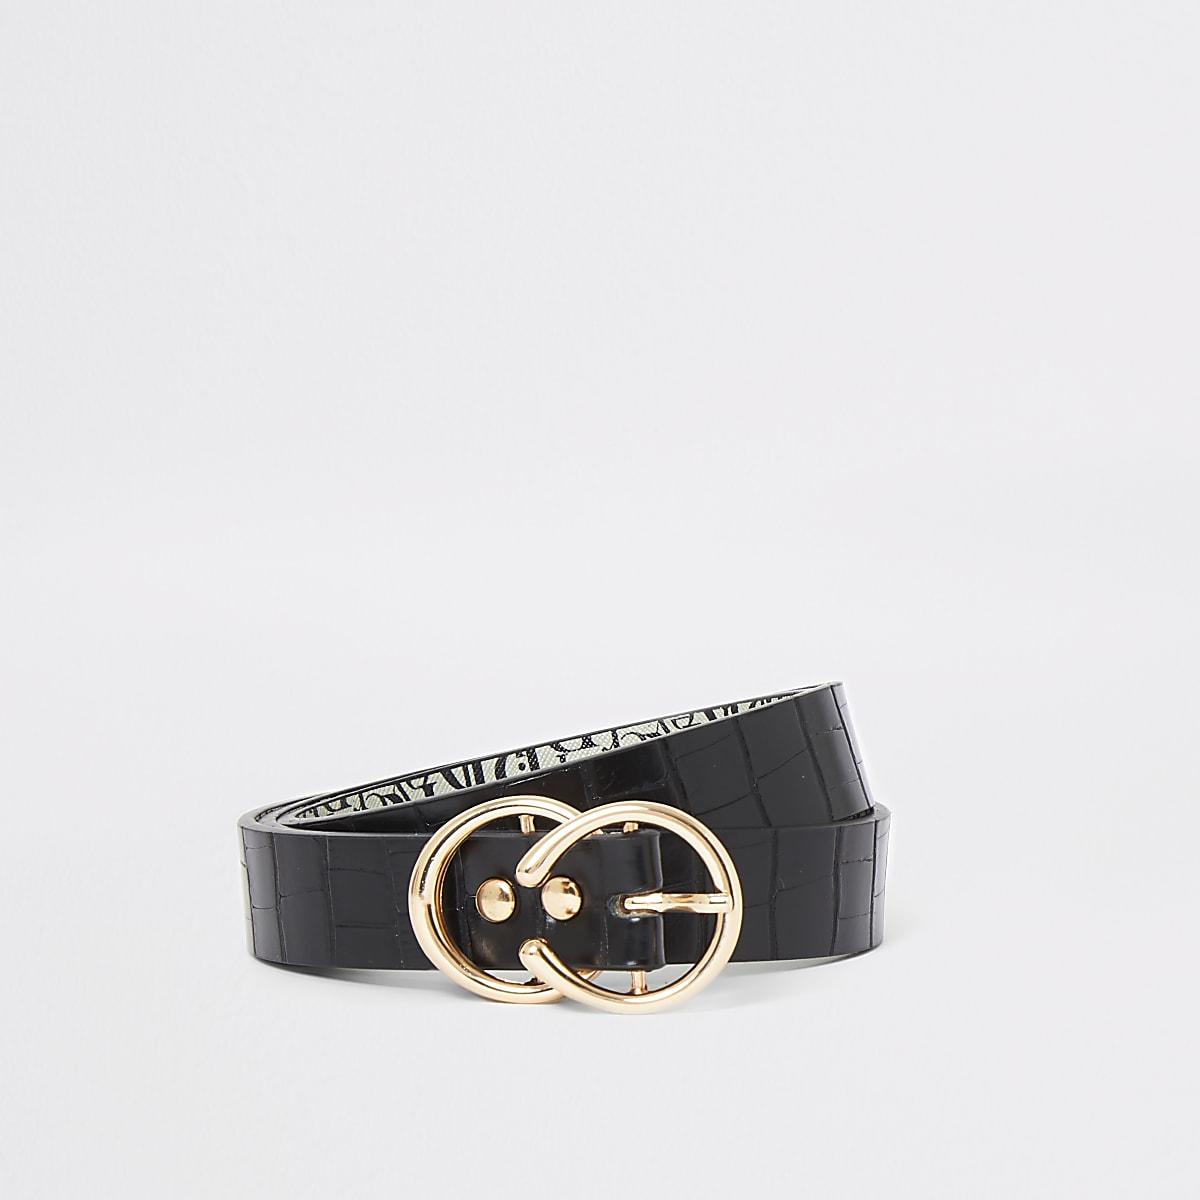 Zwarte riem met krokodillenprint, dubbele ring en gesp